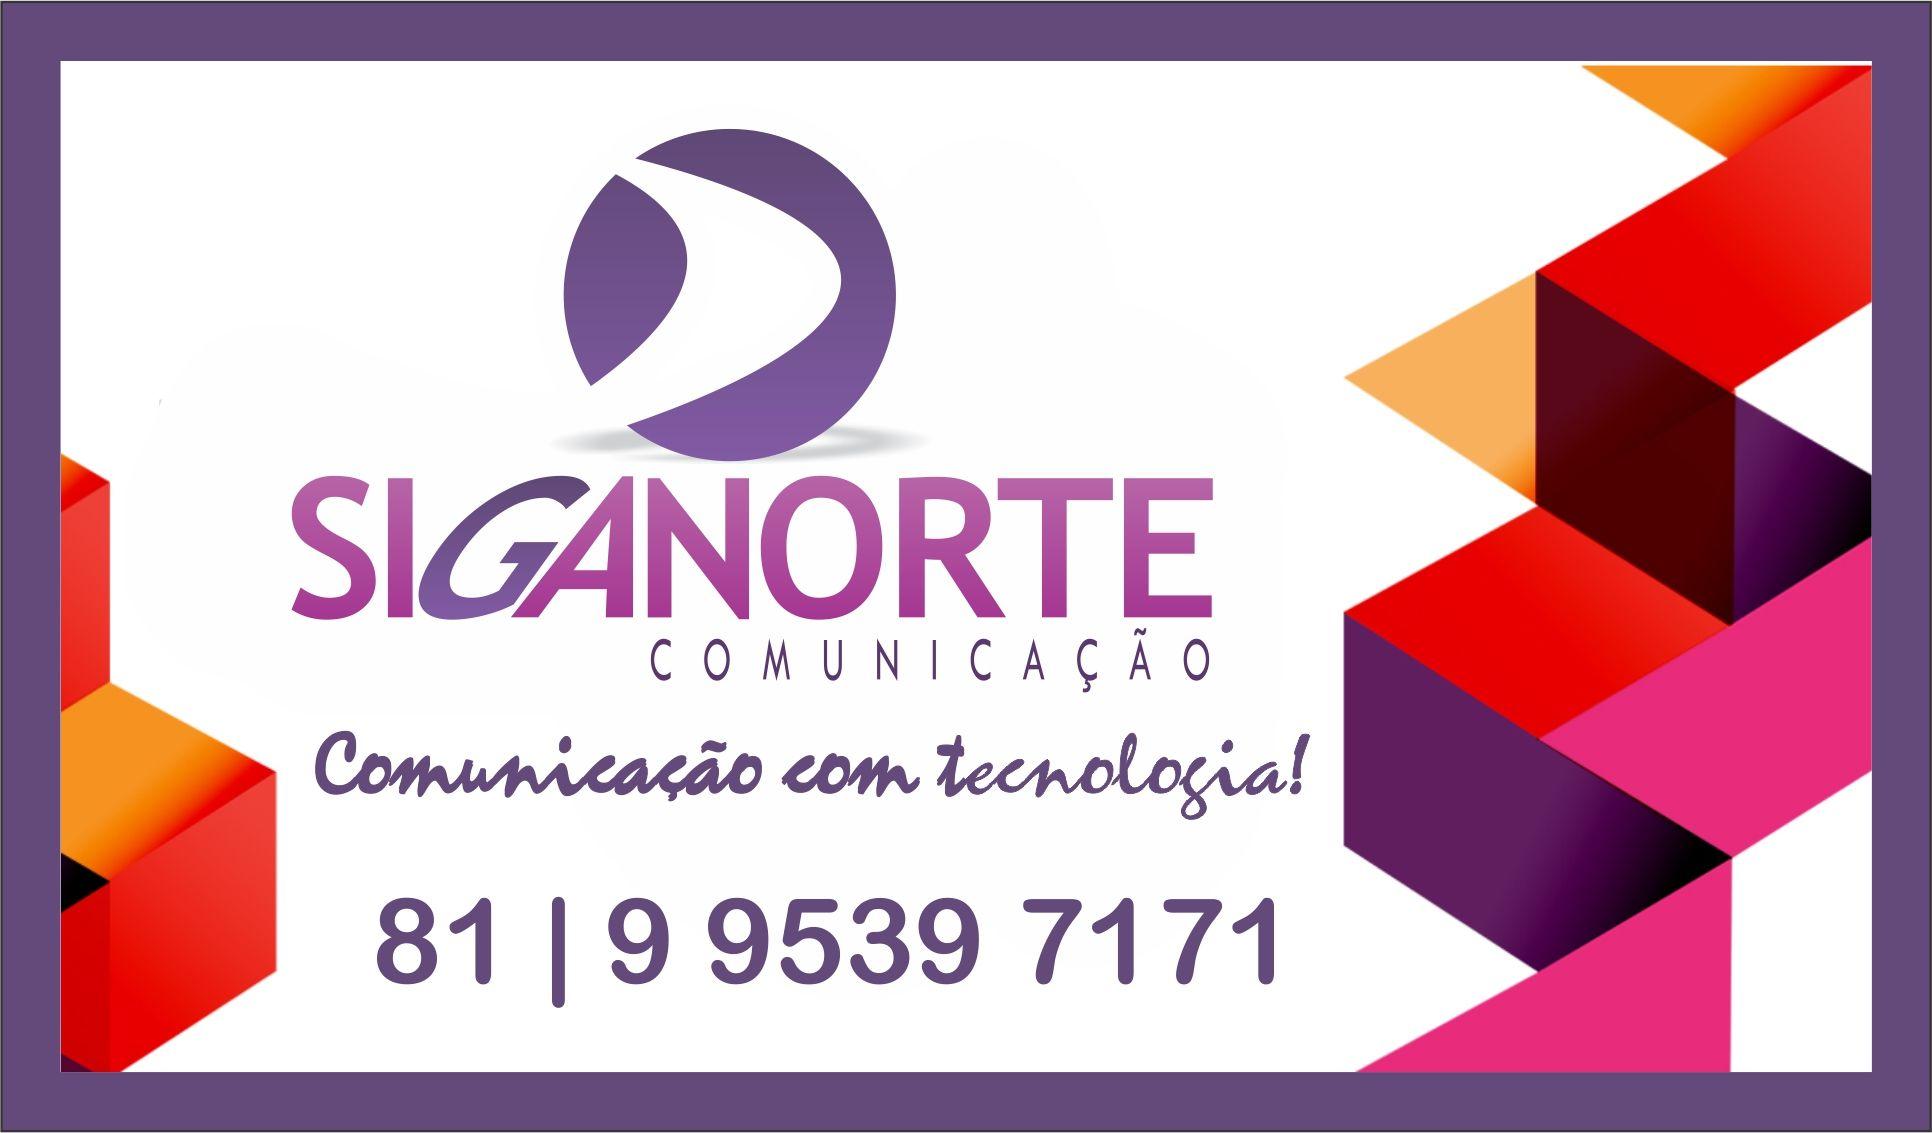 siga_norte